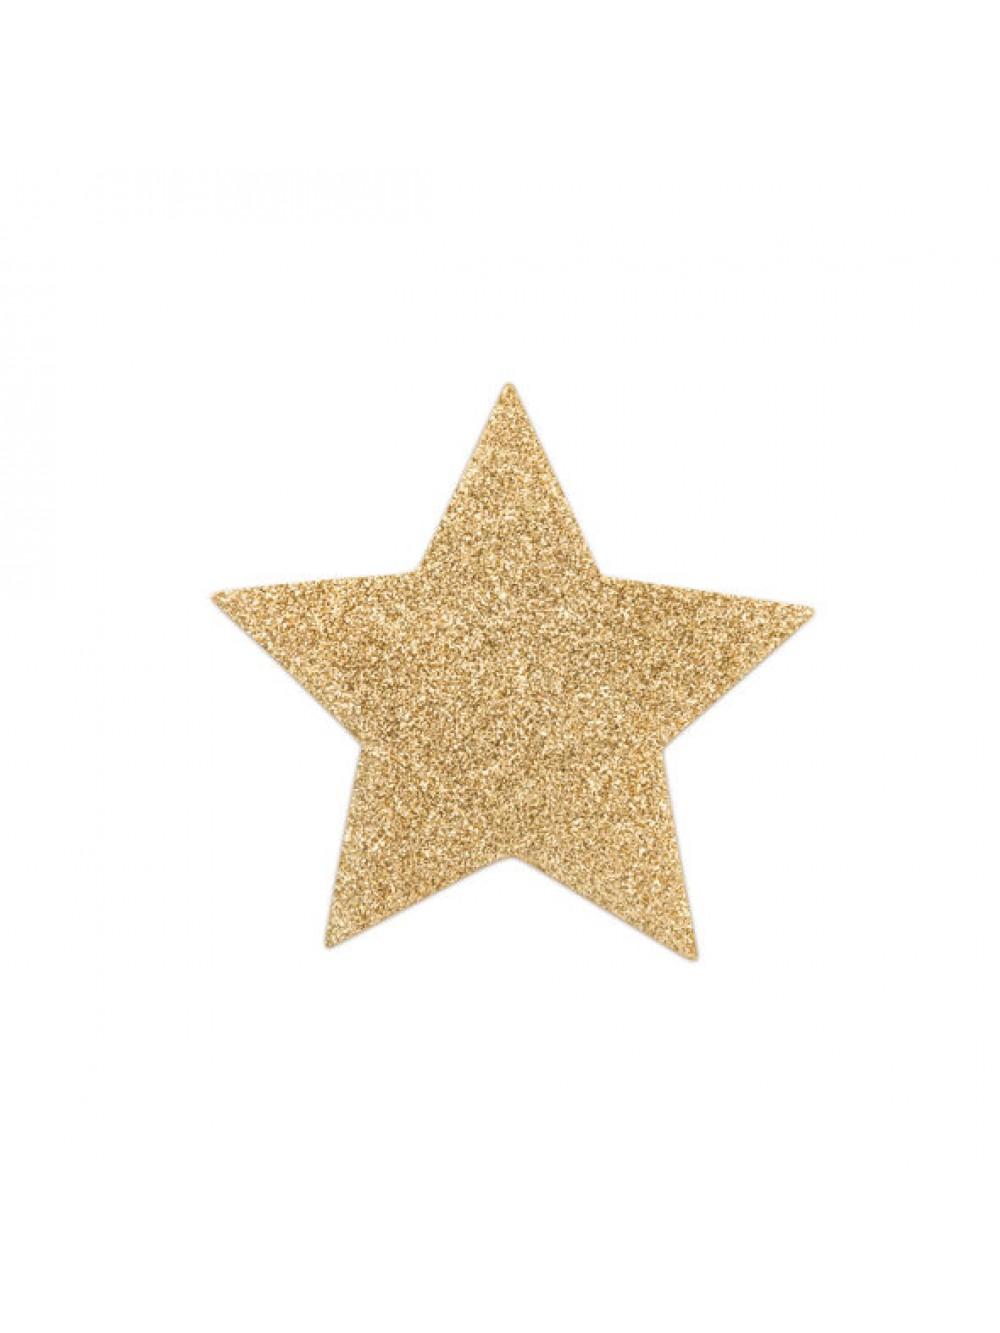 BIJOUX INDISCRETS FLASH STAR GOLD 8437008002804